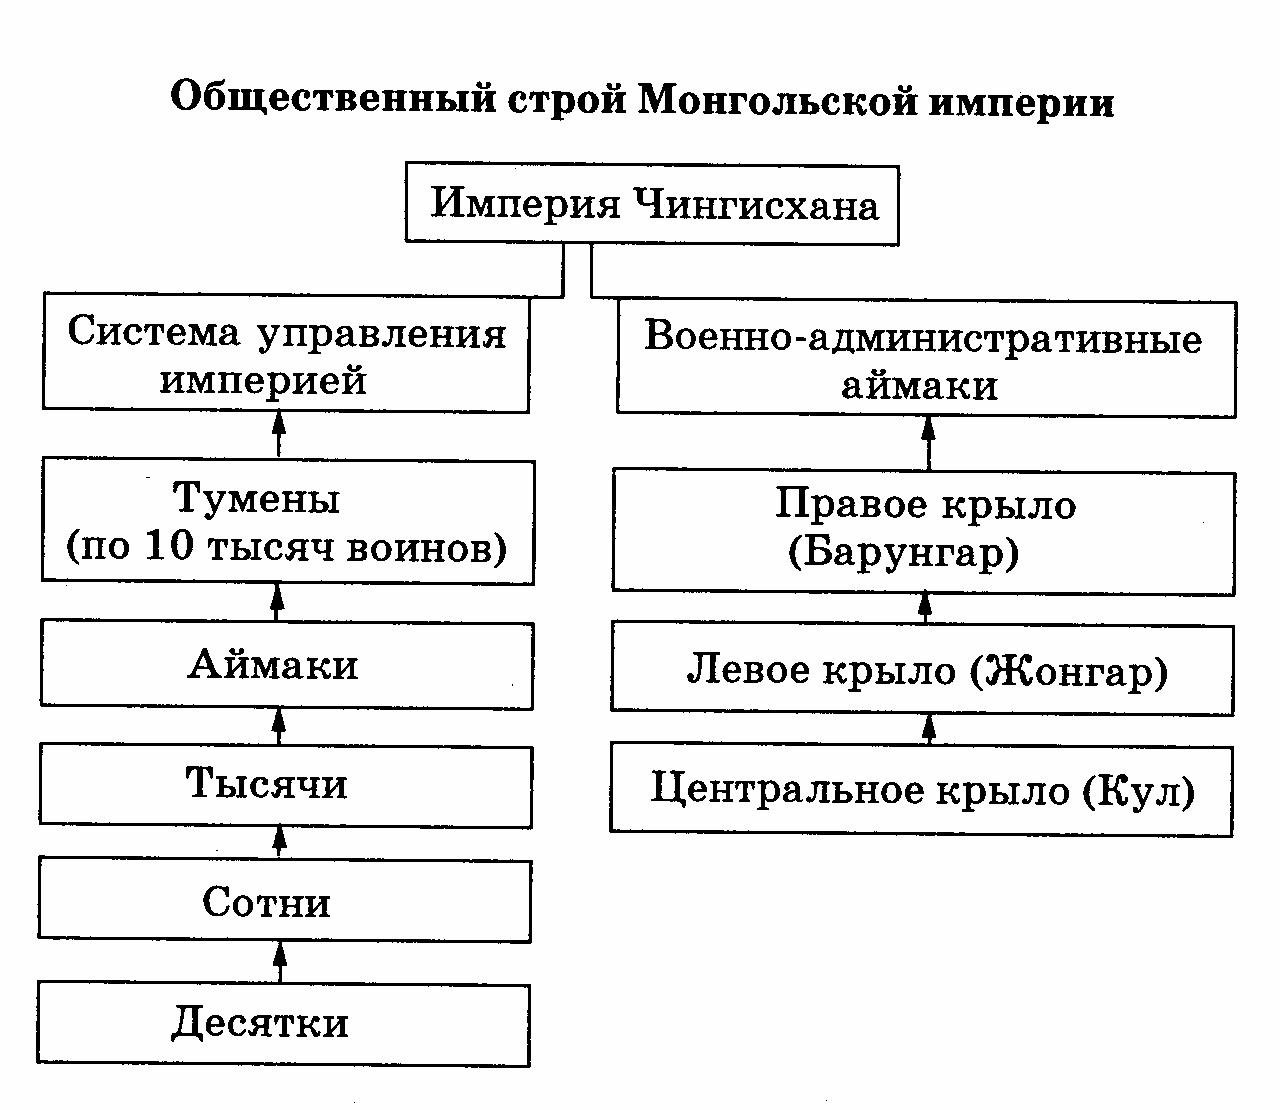 Поурочный план по истории казахстана 7 класс